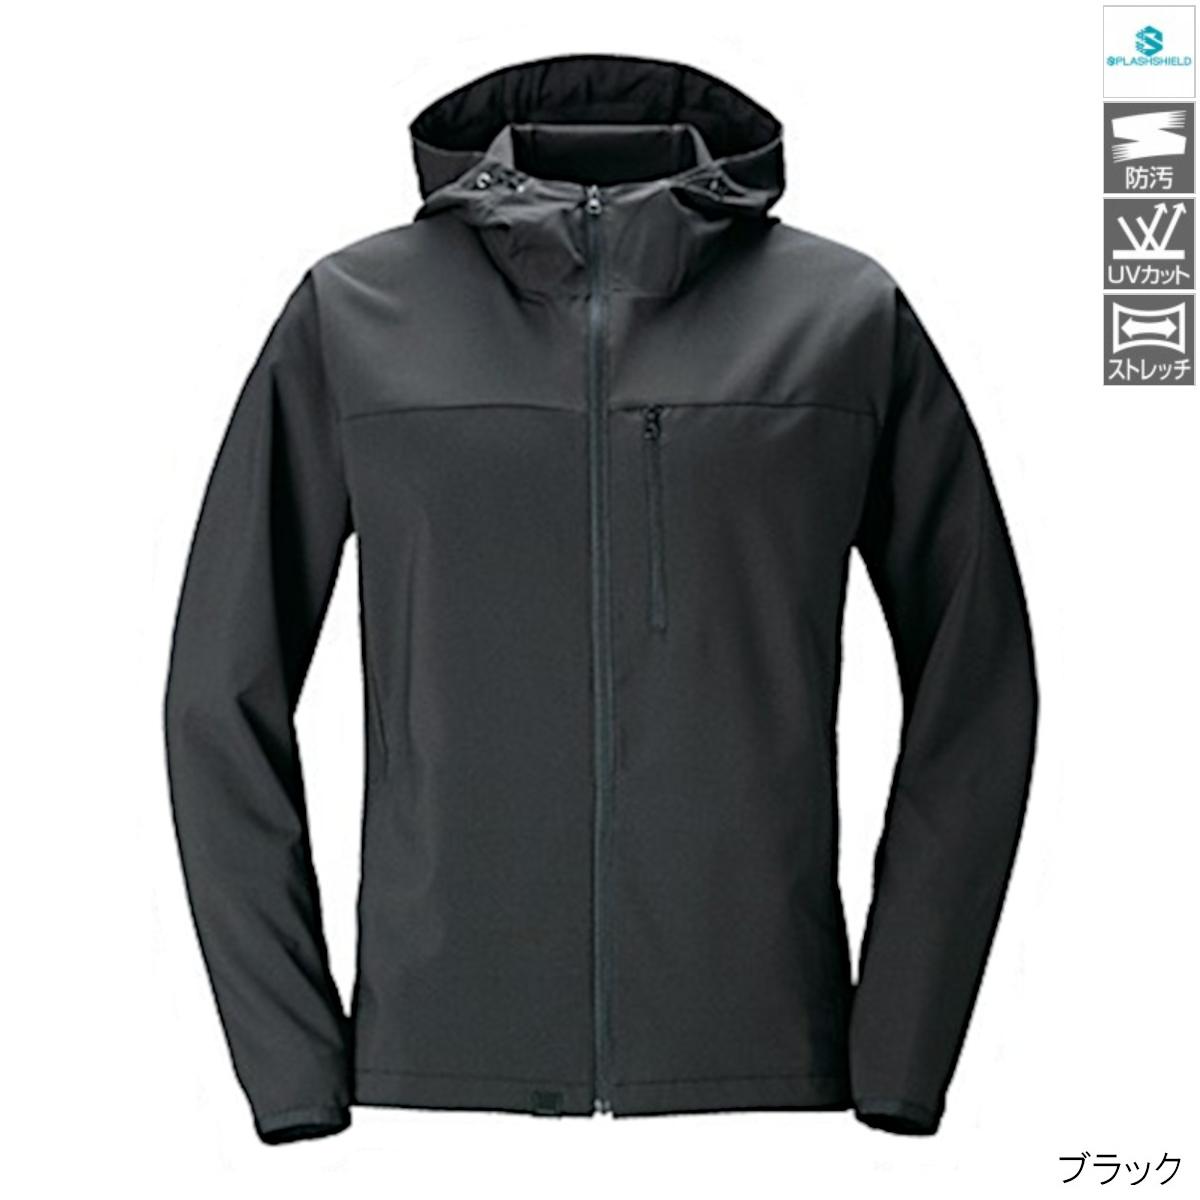 SSジャケット WJ-048T 2XL ブラック シマノ